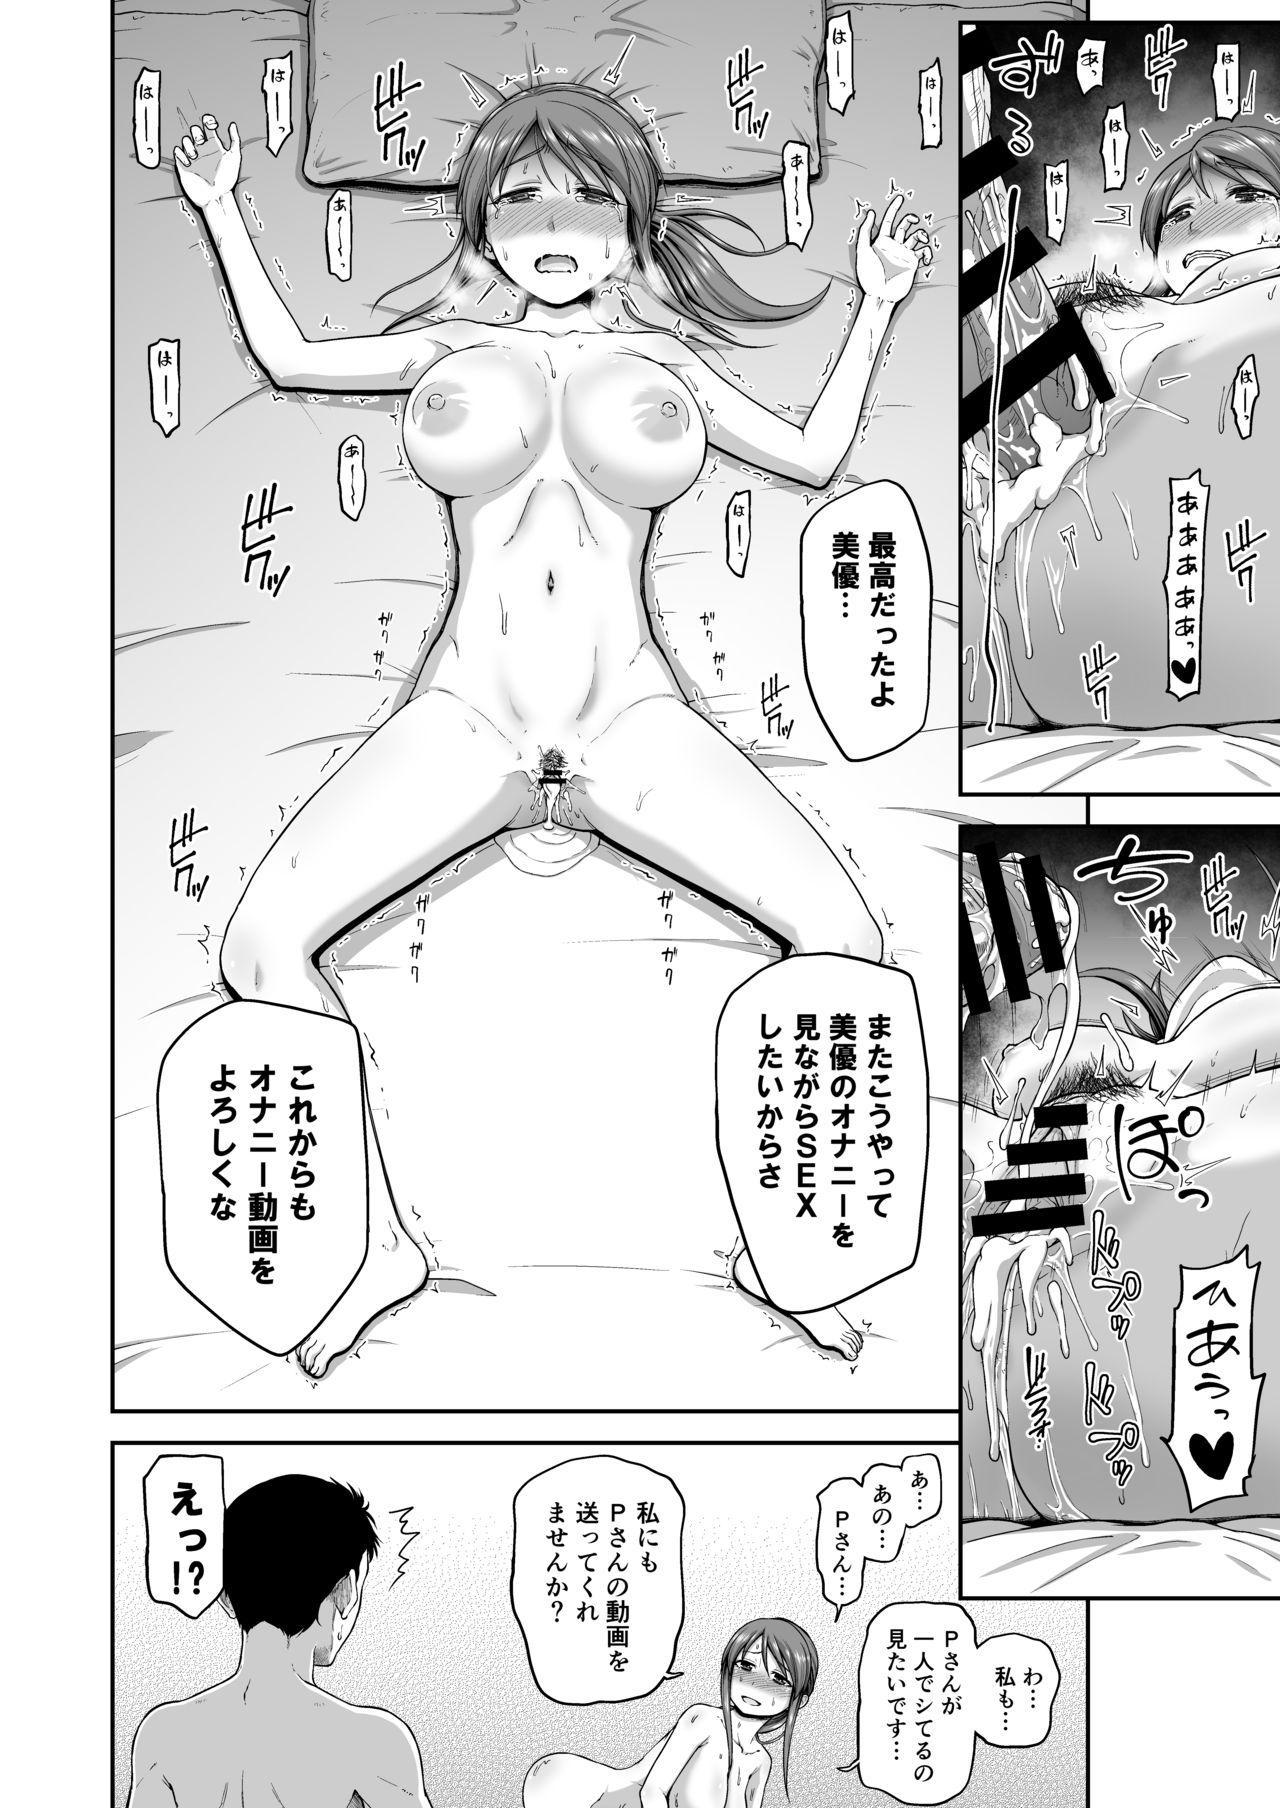 Mifune-san no Jidori 18